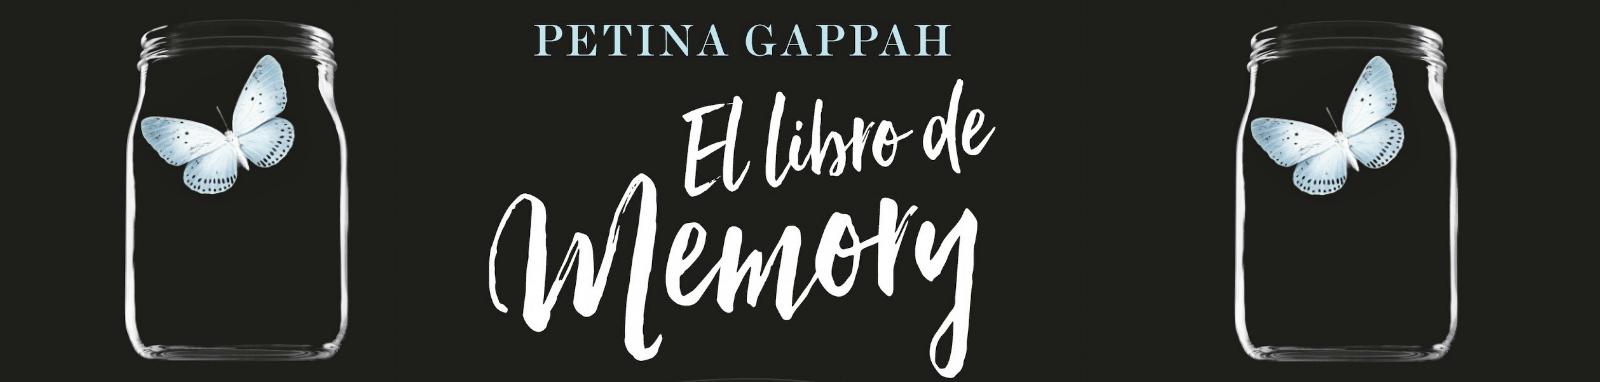 http://elrincondealexiaandbooks.blogspot.com.es/2017/04/resena-el-libro-de-memory-lista.html